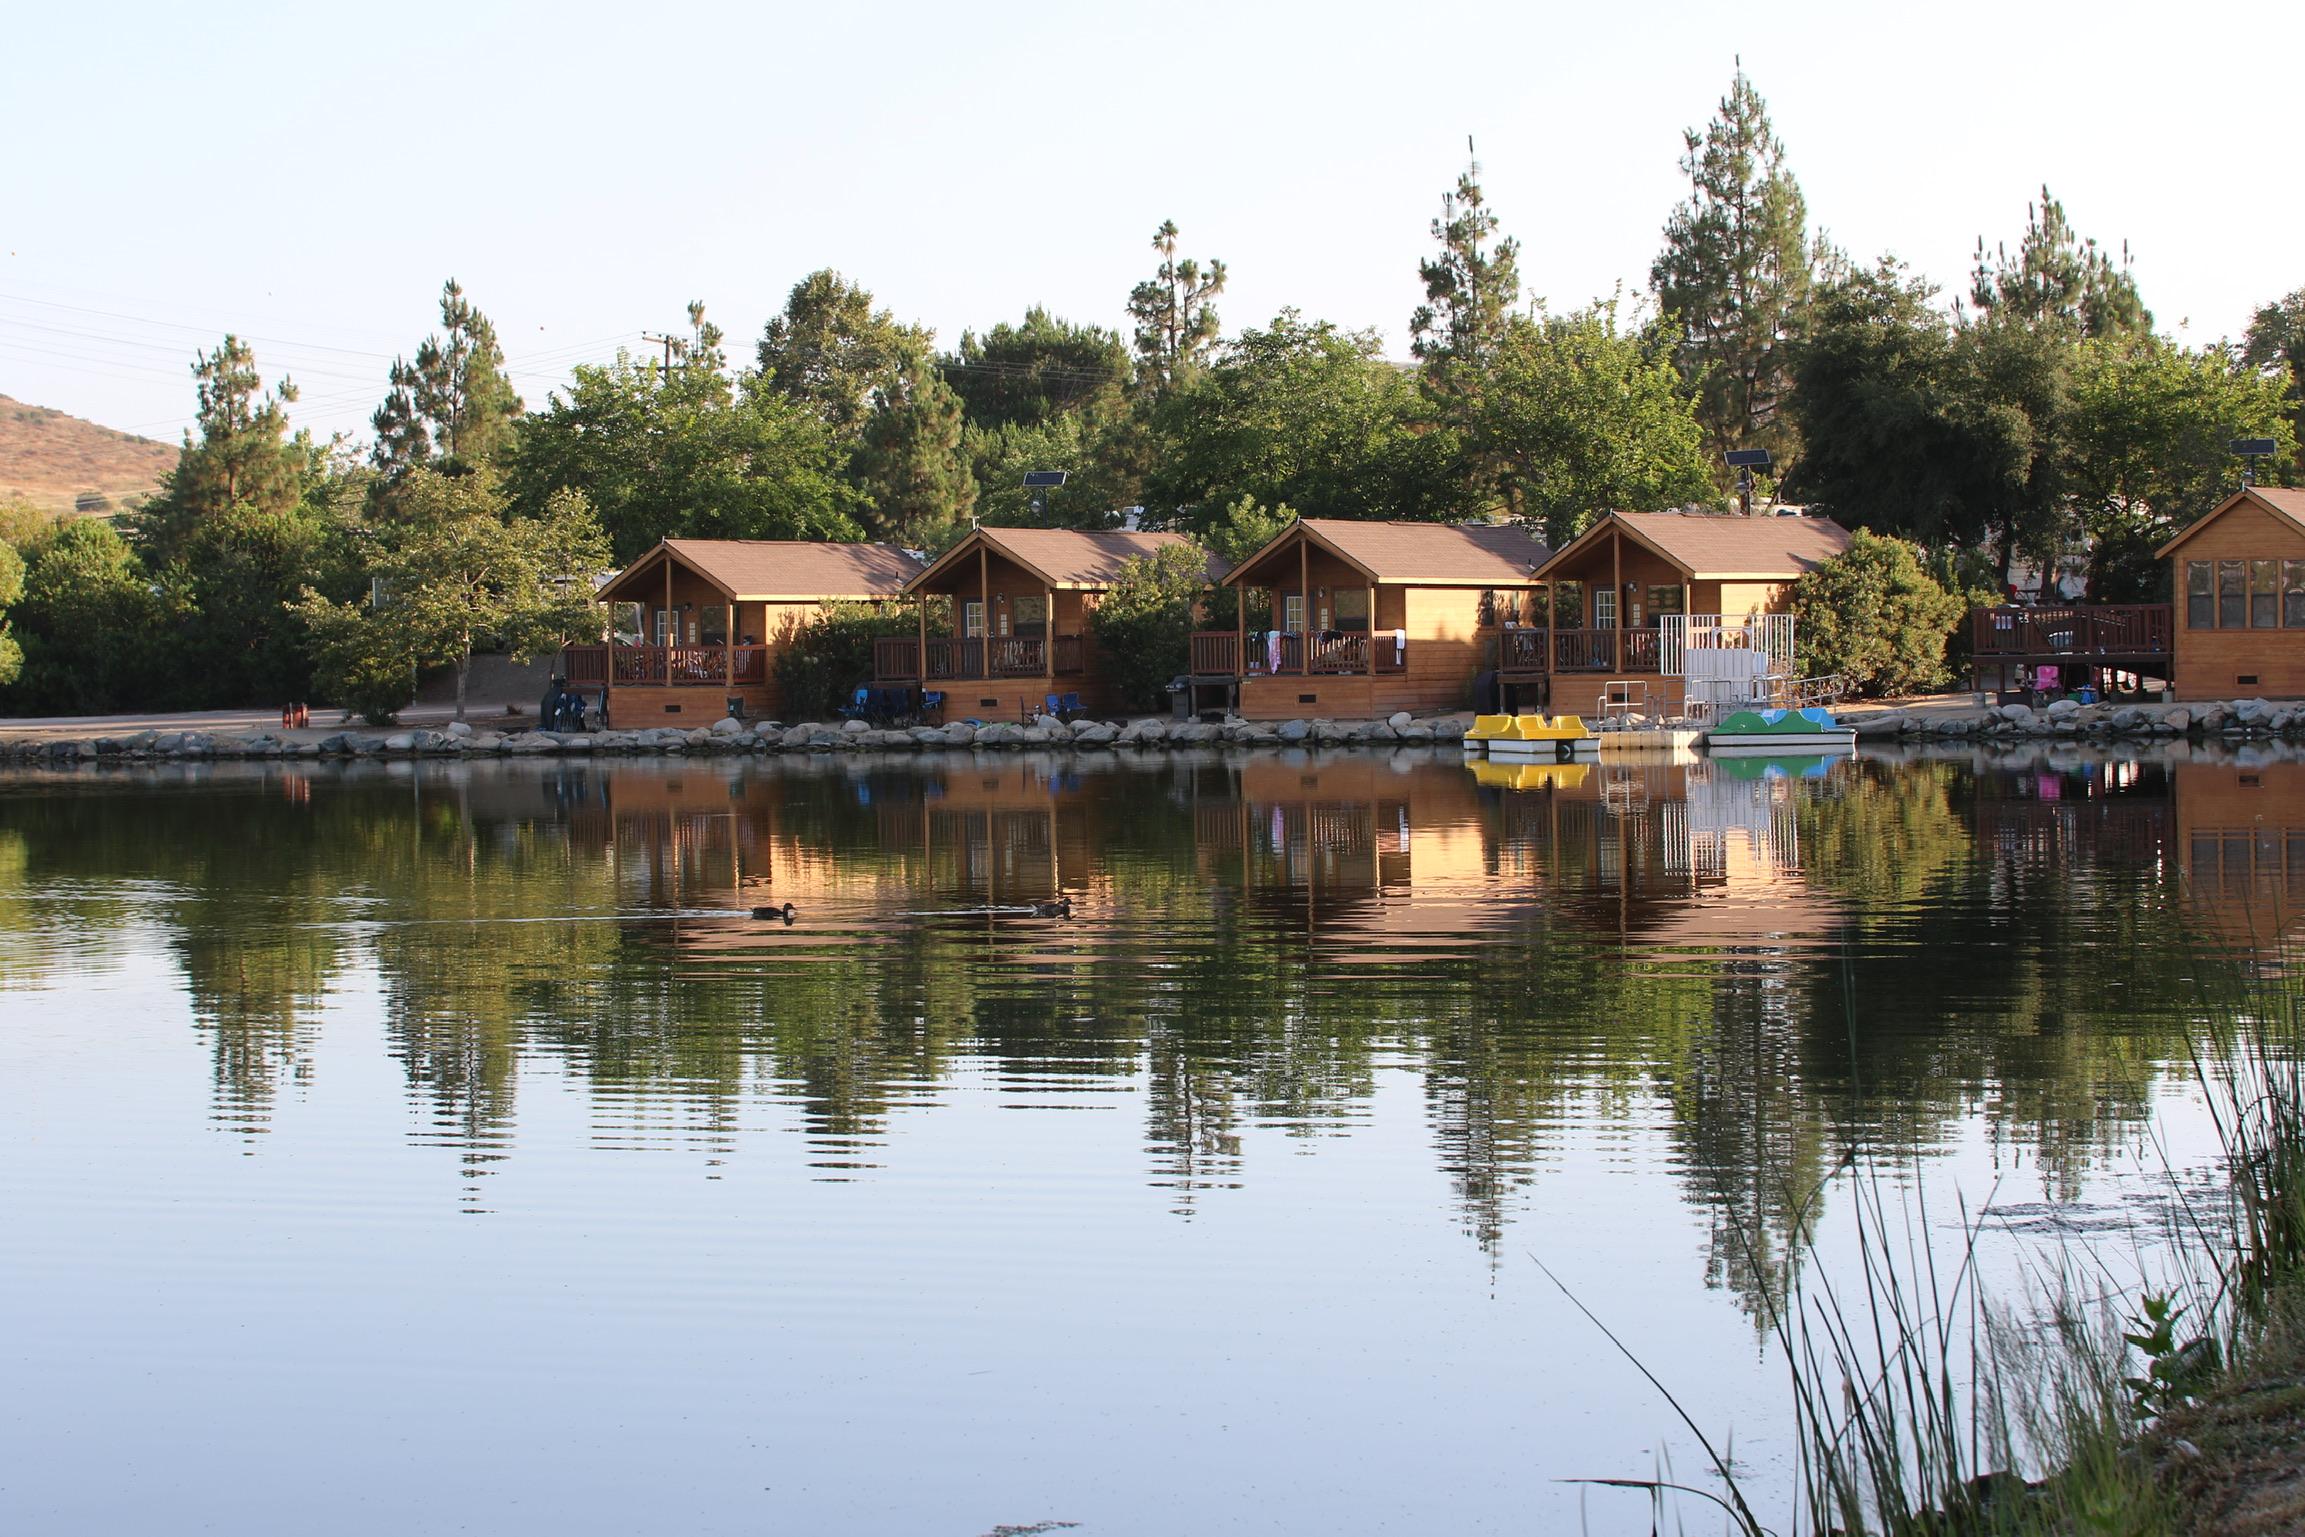 Lakeshore Cabins nestled on the shoreline of Lake 7